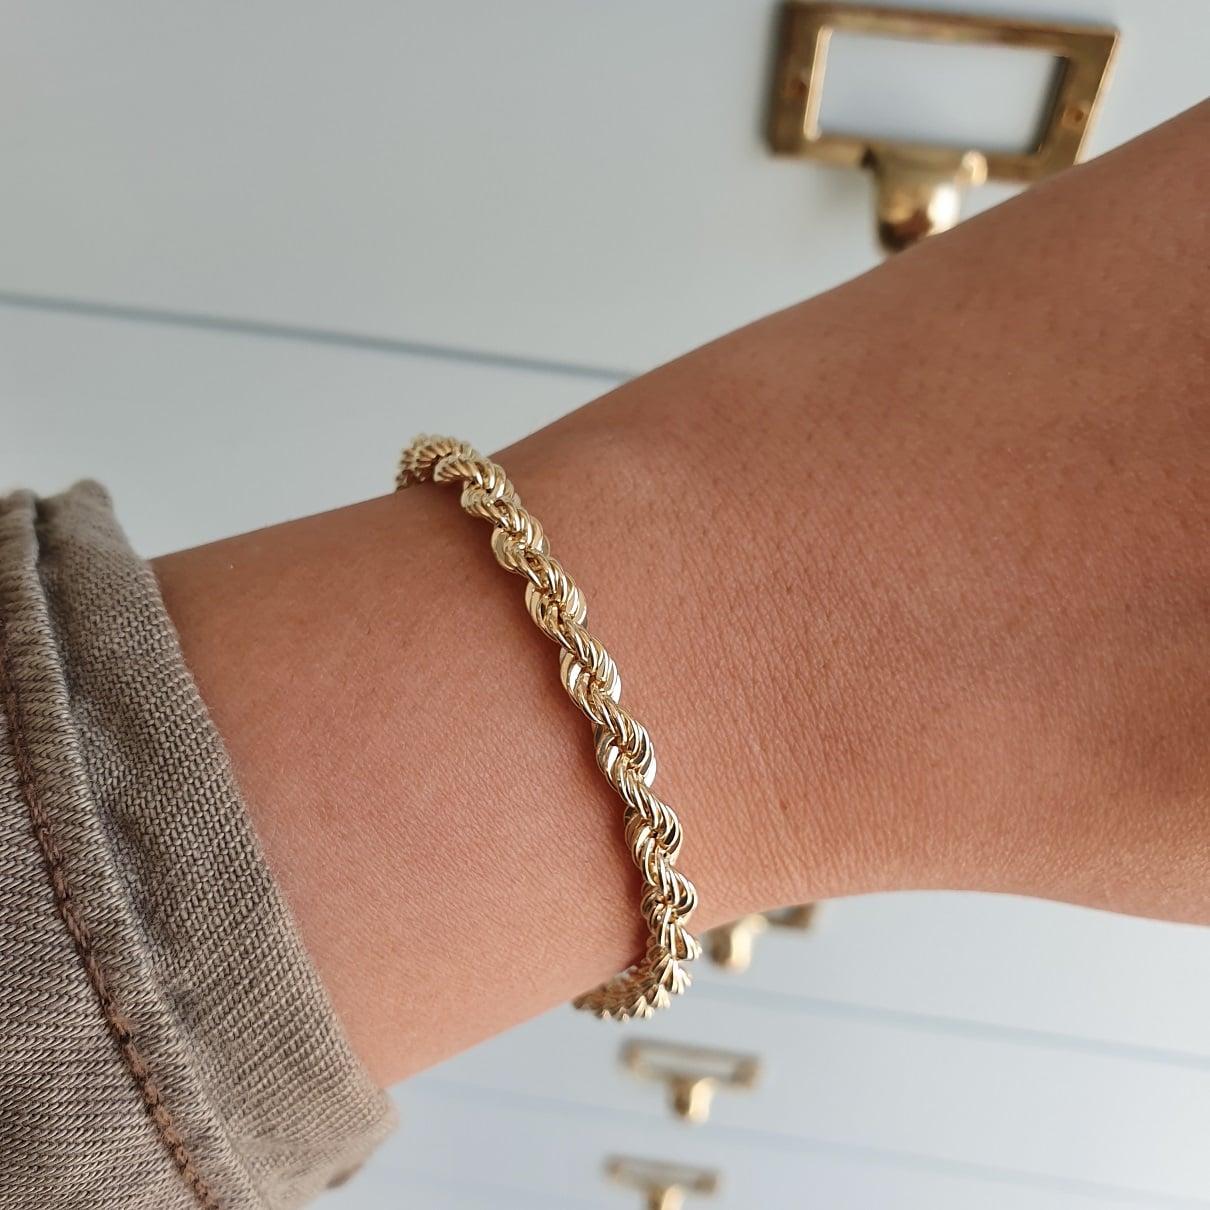 צמיד זהב חבל בינוני 14 קראט  לאישה ארוך